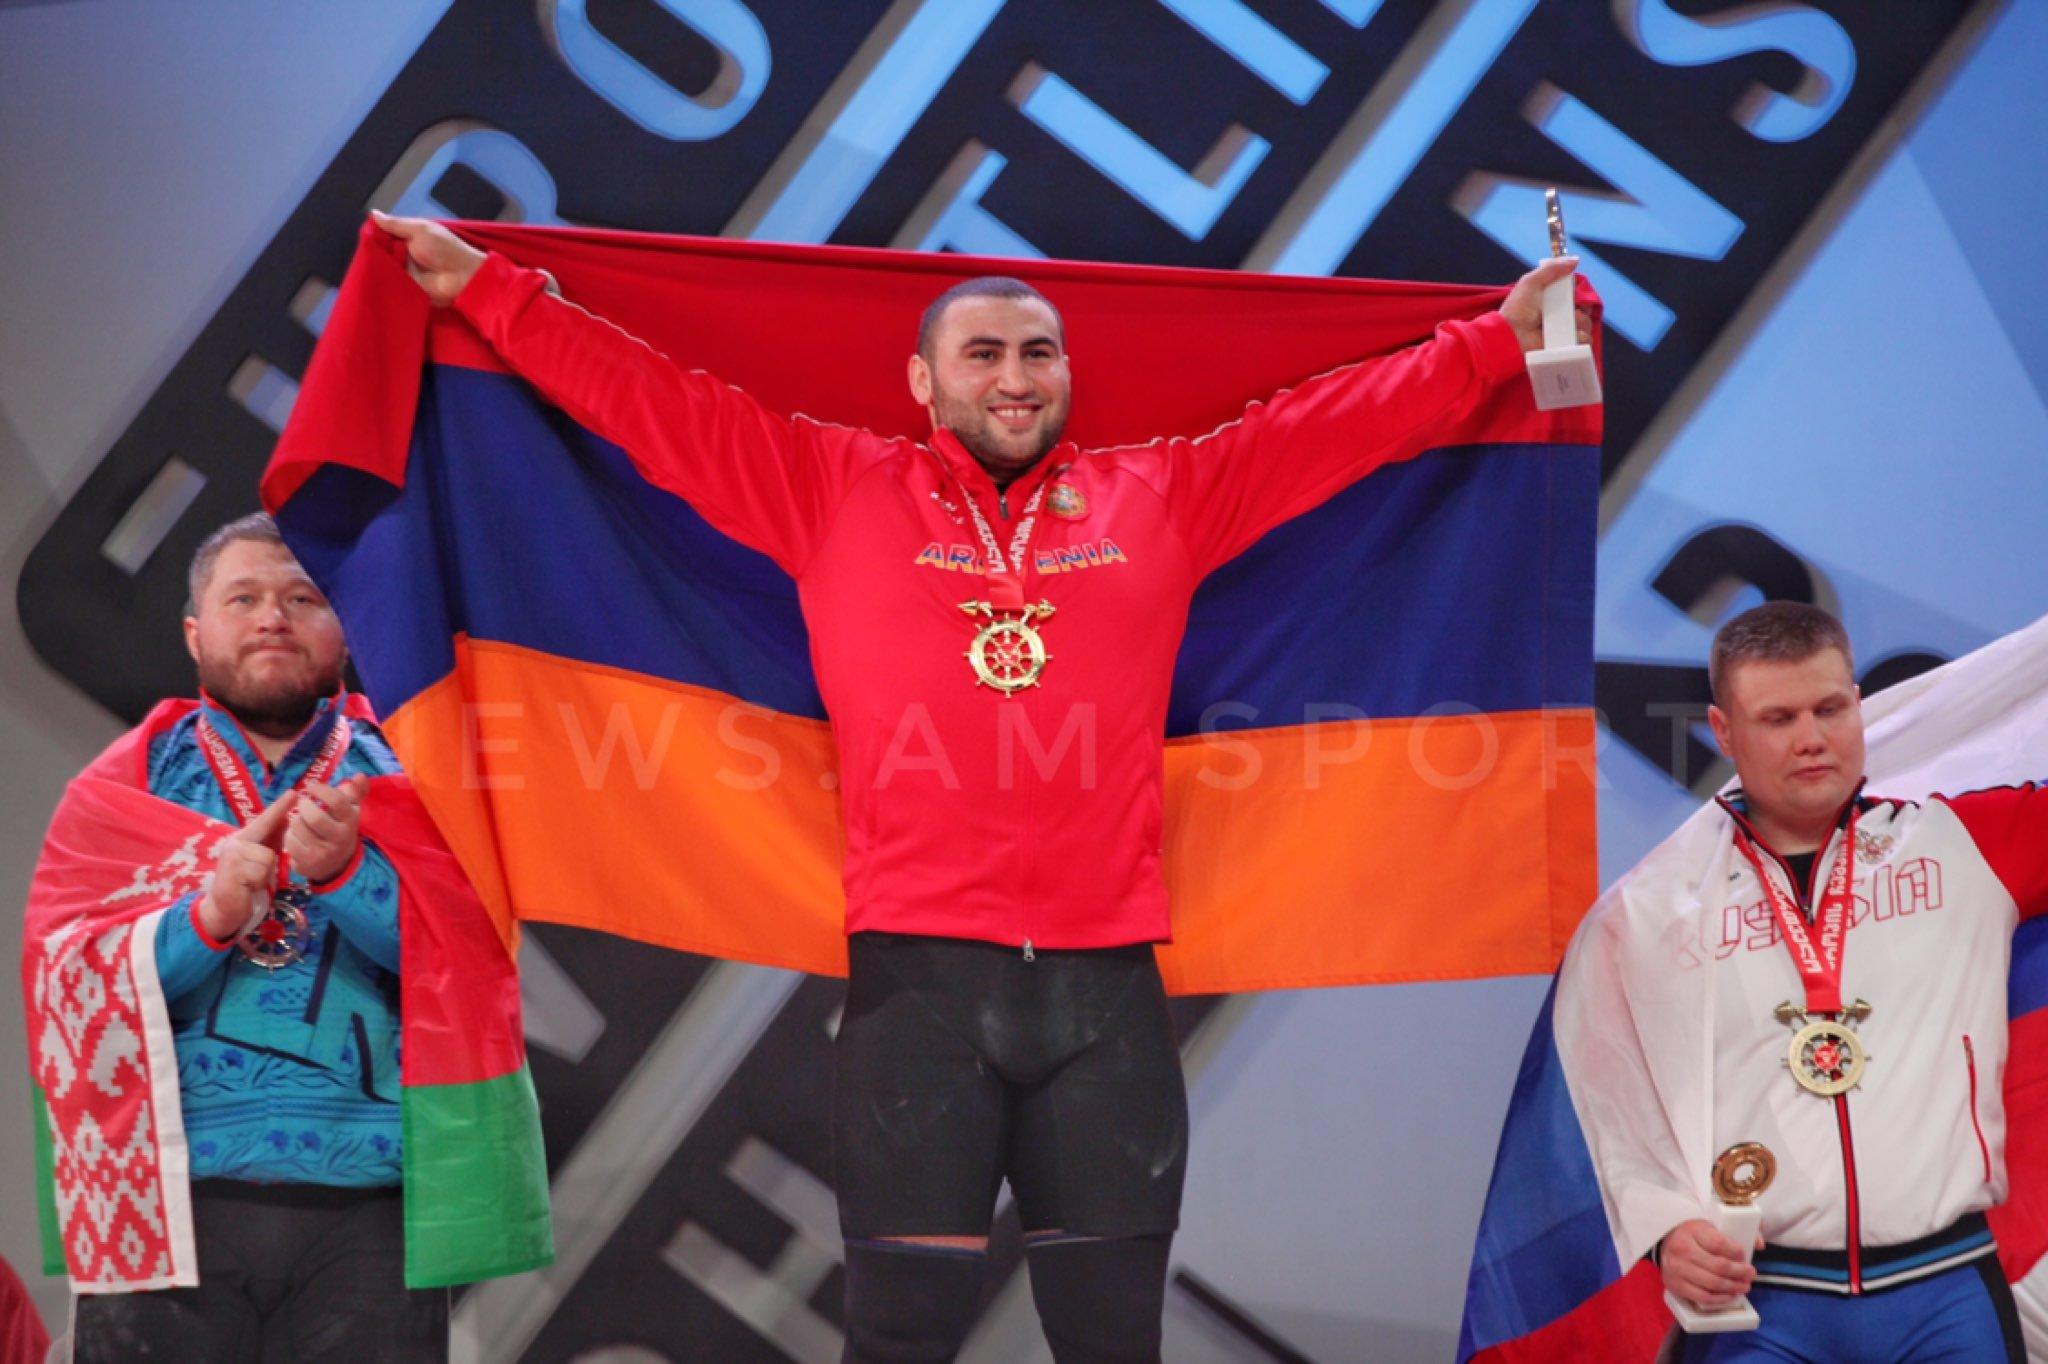 Սիմոն Մարտիրոսյանը՝ Եվրոպայի առաջնության կրկնակի չեմպիոն․ Սա միայն իմ հաղթանակը չէ, ամբողջ հայ ազգի հաղթանակն է